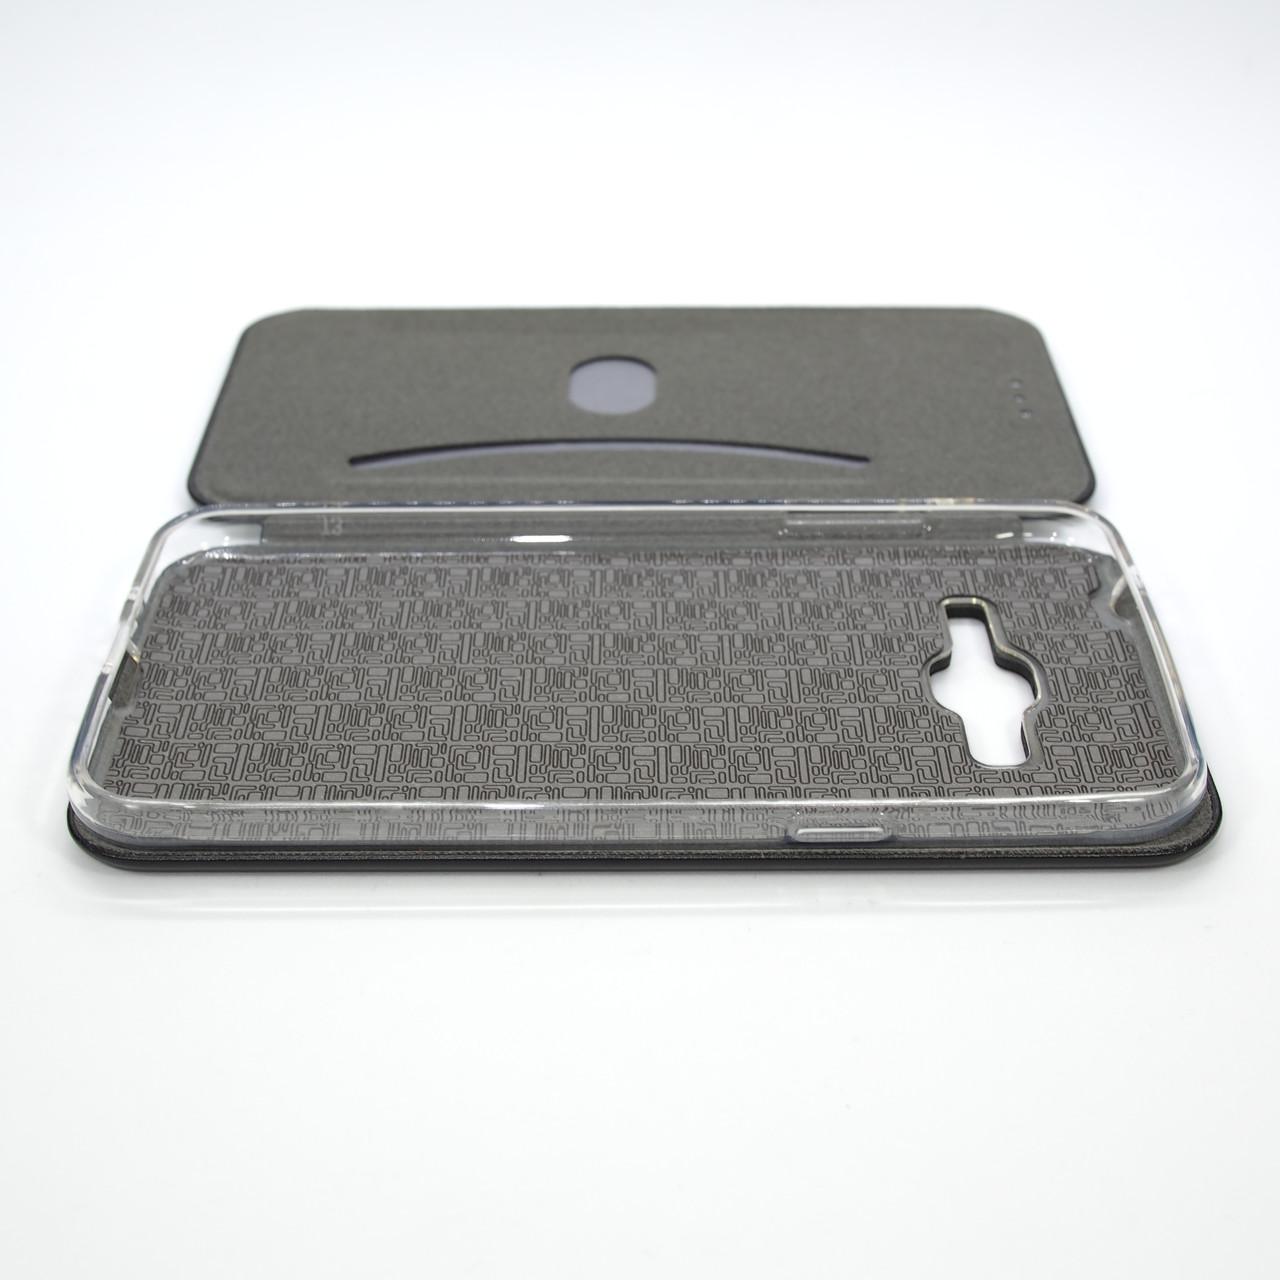 Чехлы для Galaxy J Series (остальные модели) G-Case Samsung J320 black J3 (J337) 2018 Для телефона Черный